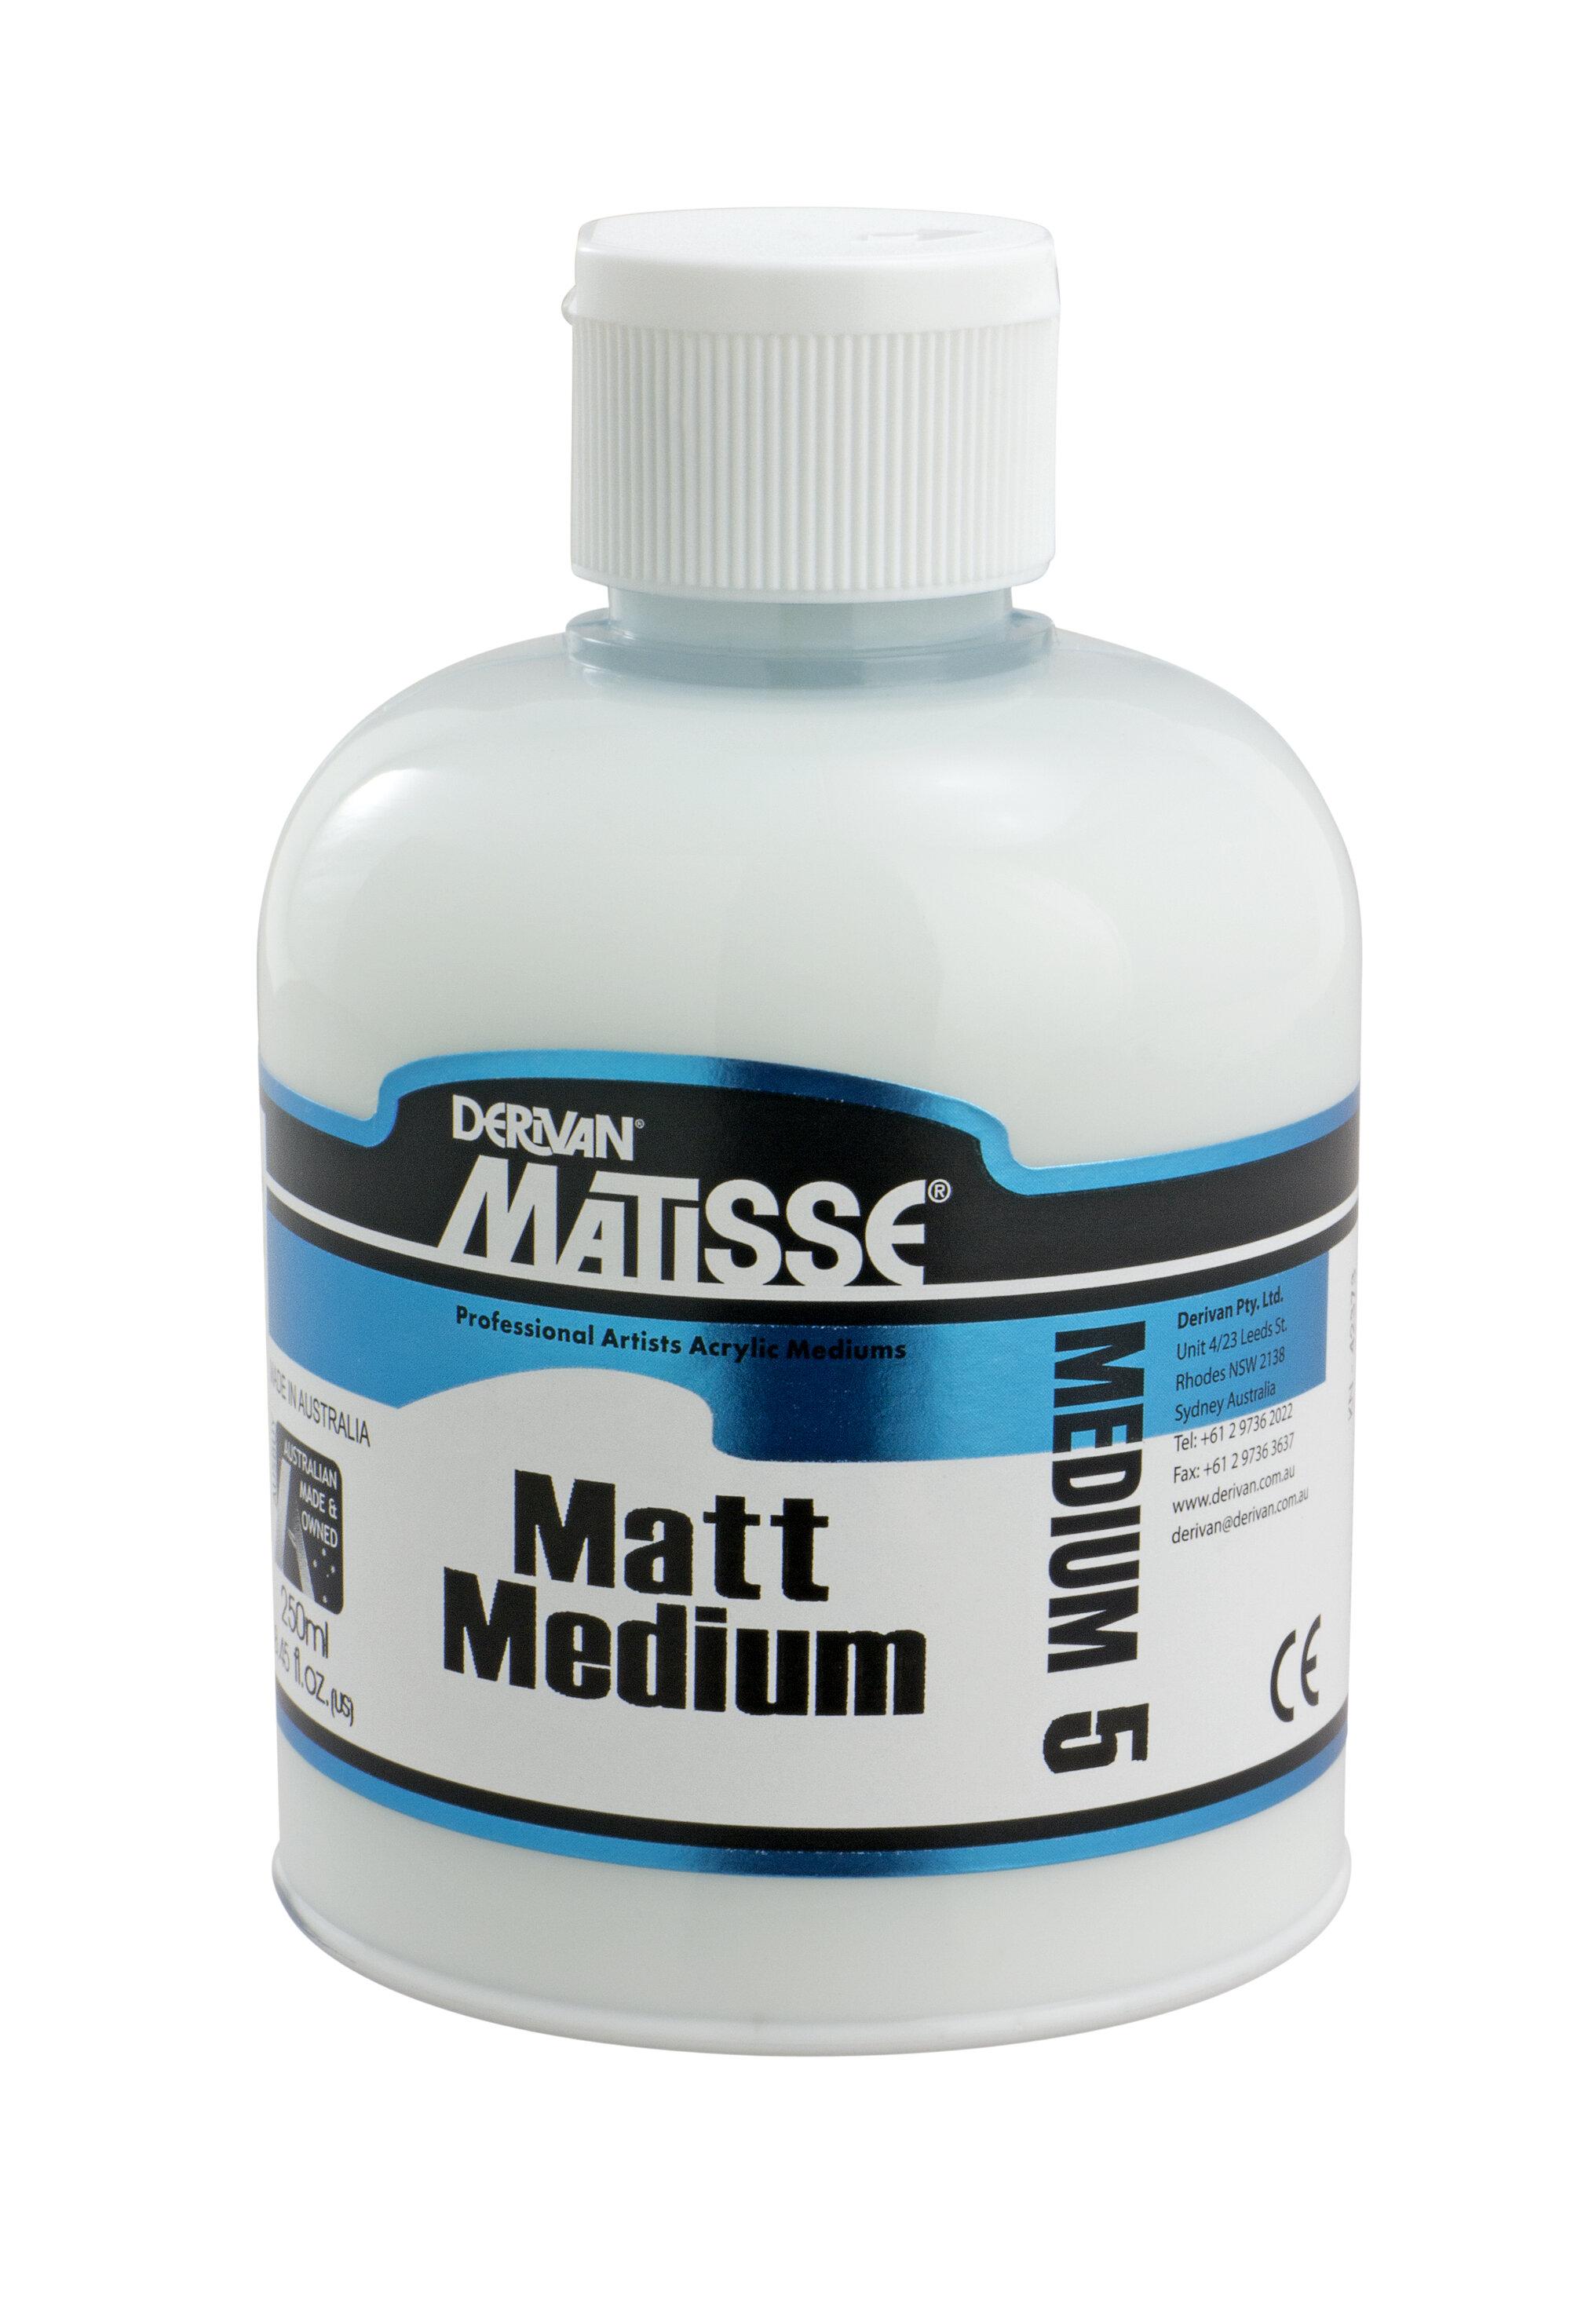 MM5 Matt Medium - ———————Add to Matisse Colours to achieve a matte sheen/finish.